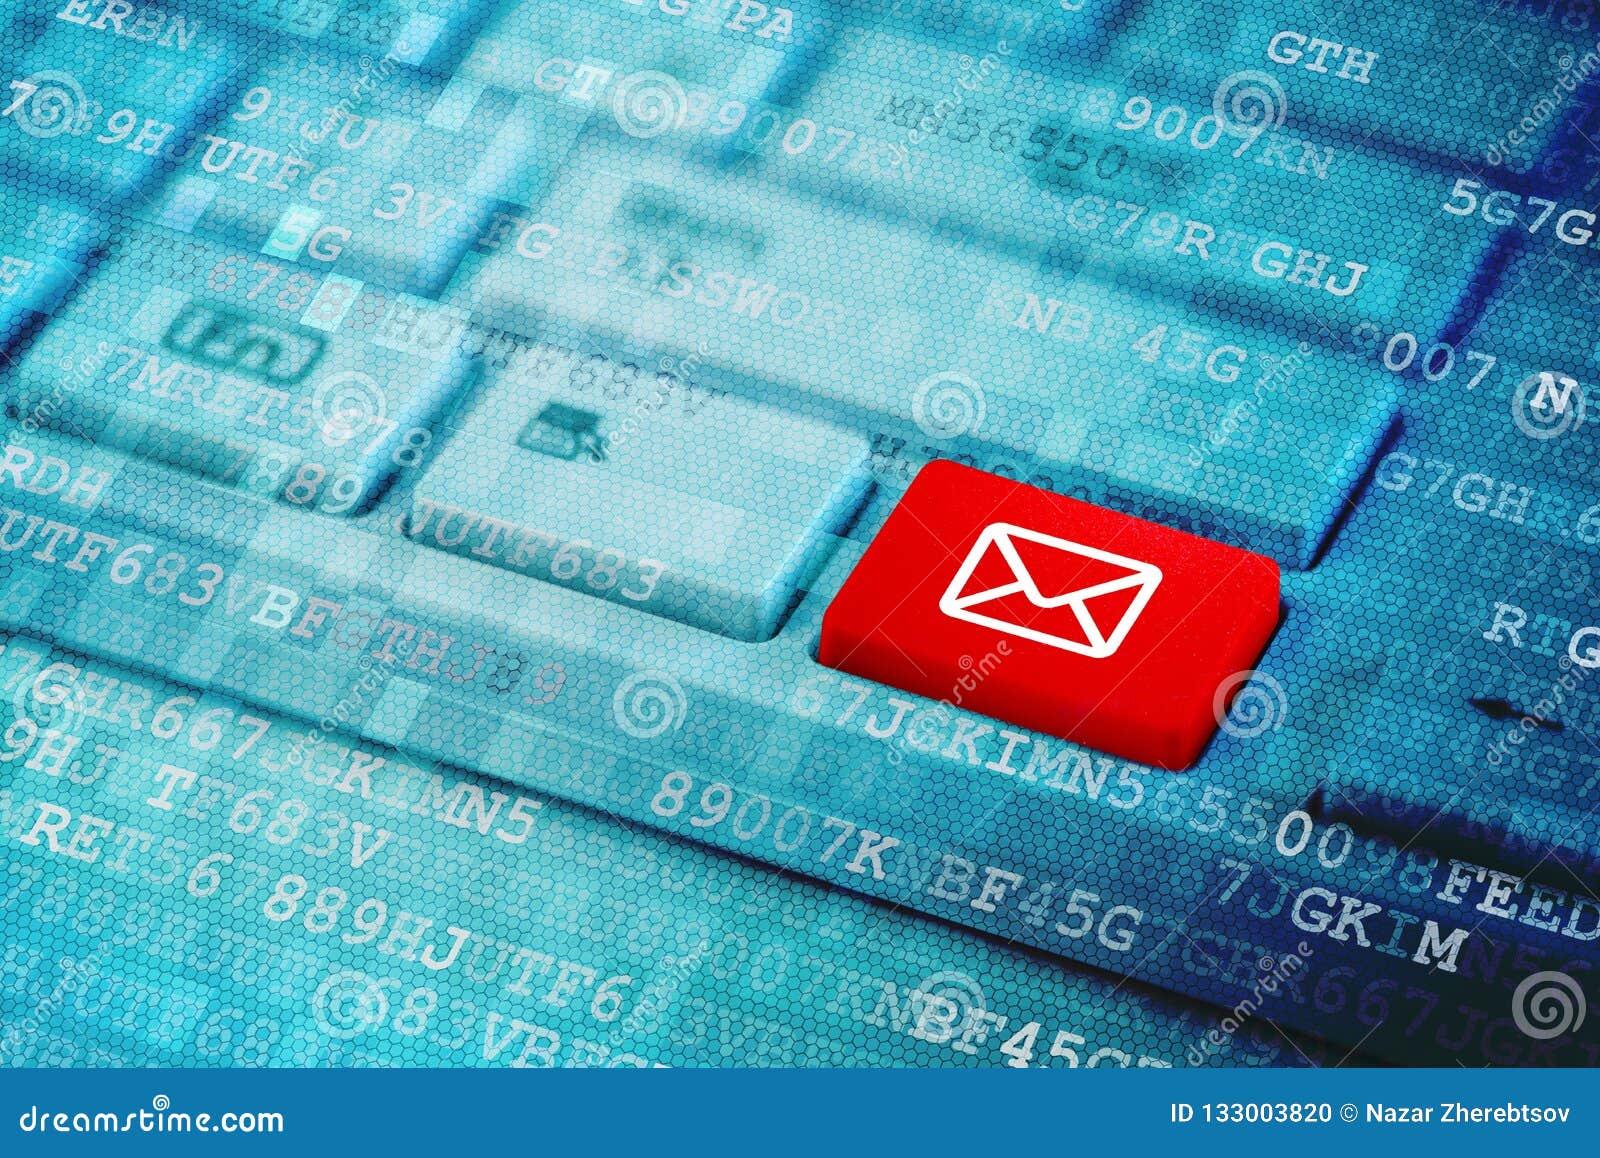 Chiave rossa con il simbolo dell icona della posta sulla tastiera digitale blu del computer portatile